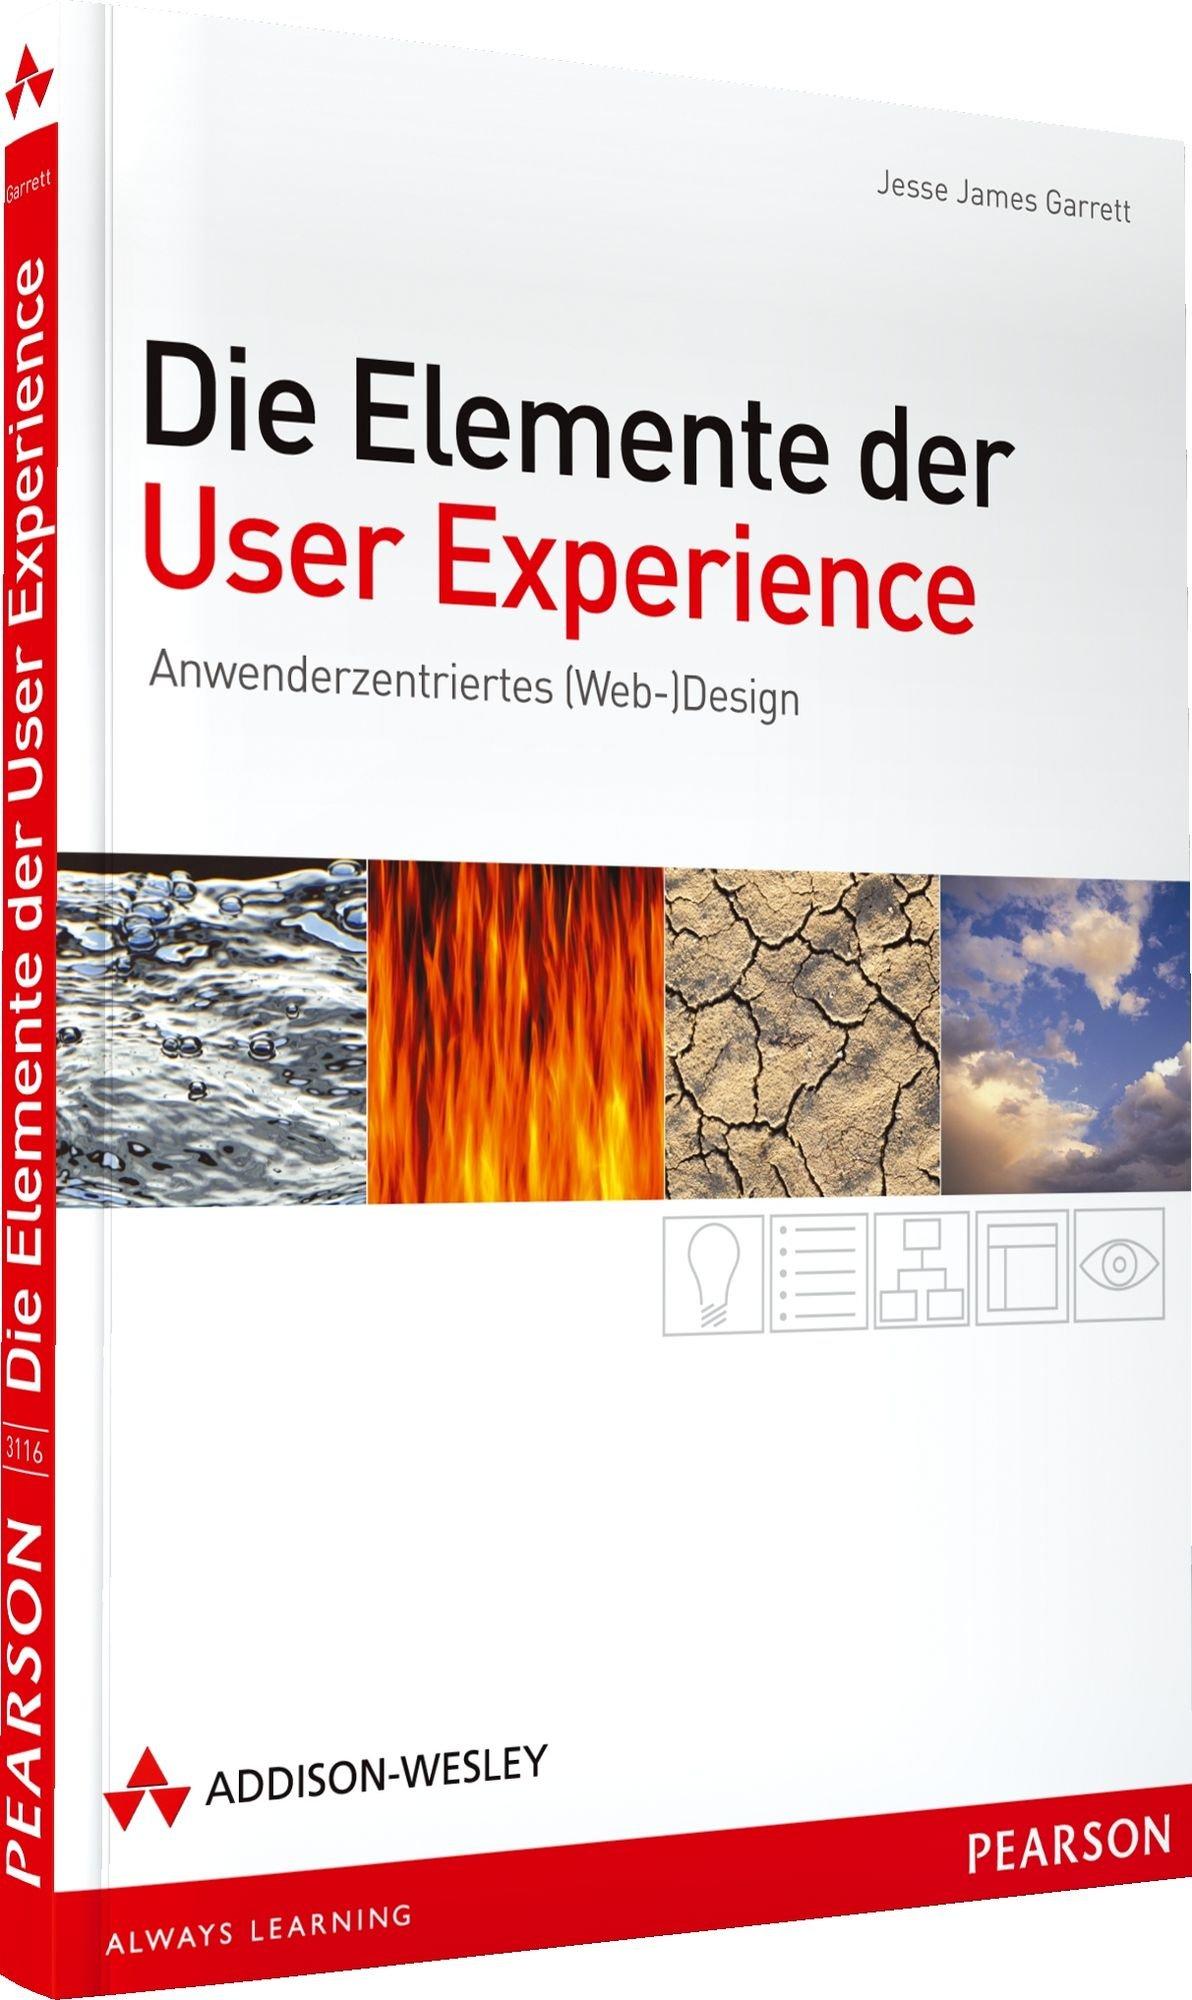 Die Elemente der User Experience - Die Elemente der User Experience. Anwenderzentriertes (Web-)Design (Sonstige Bücher AW) Taschenbuch – 1. Dezember 2011 Jesse James Garrett Addison-Wesley Verlag 3827331161 19538470